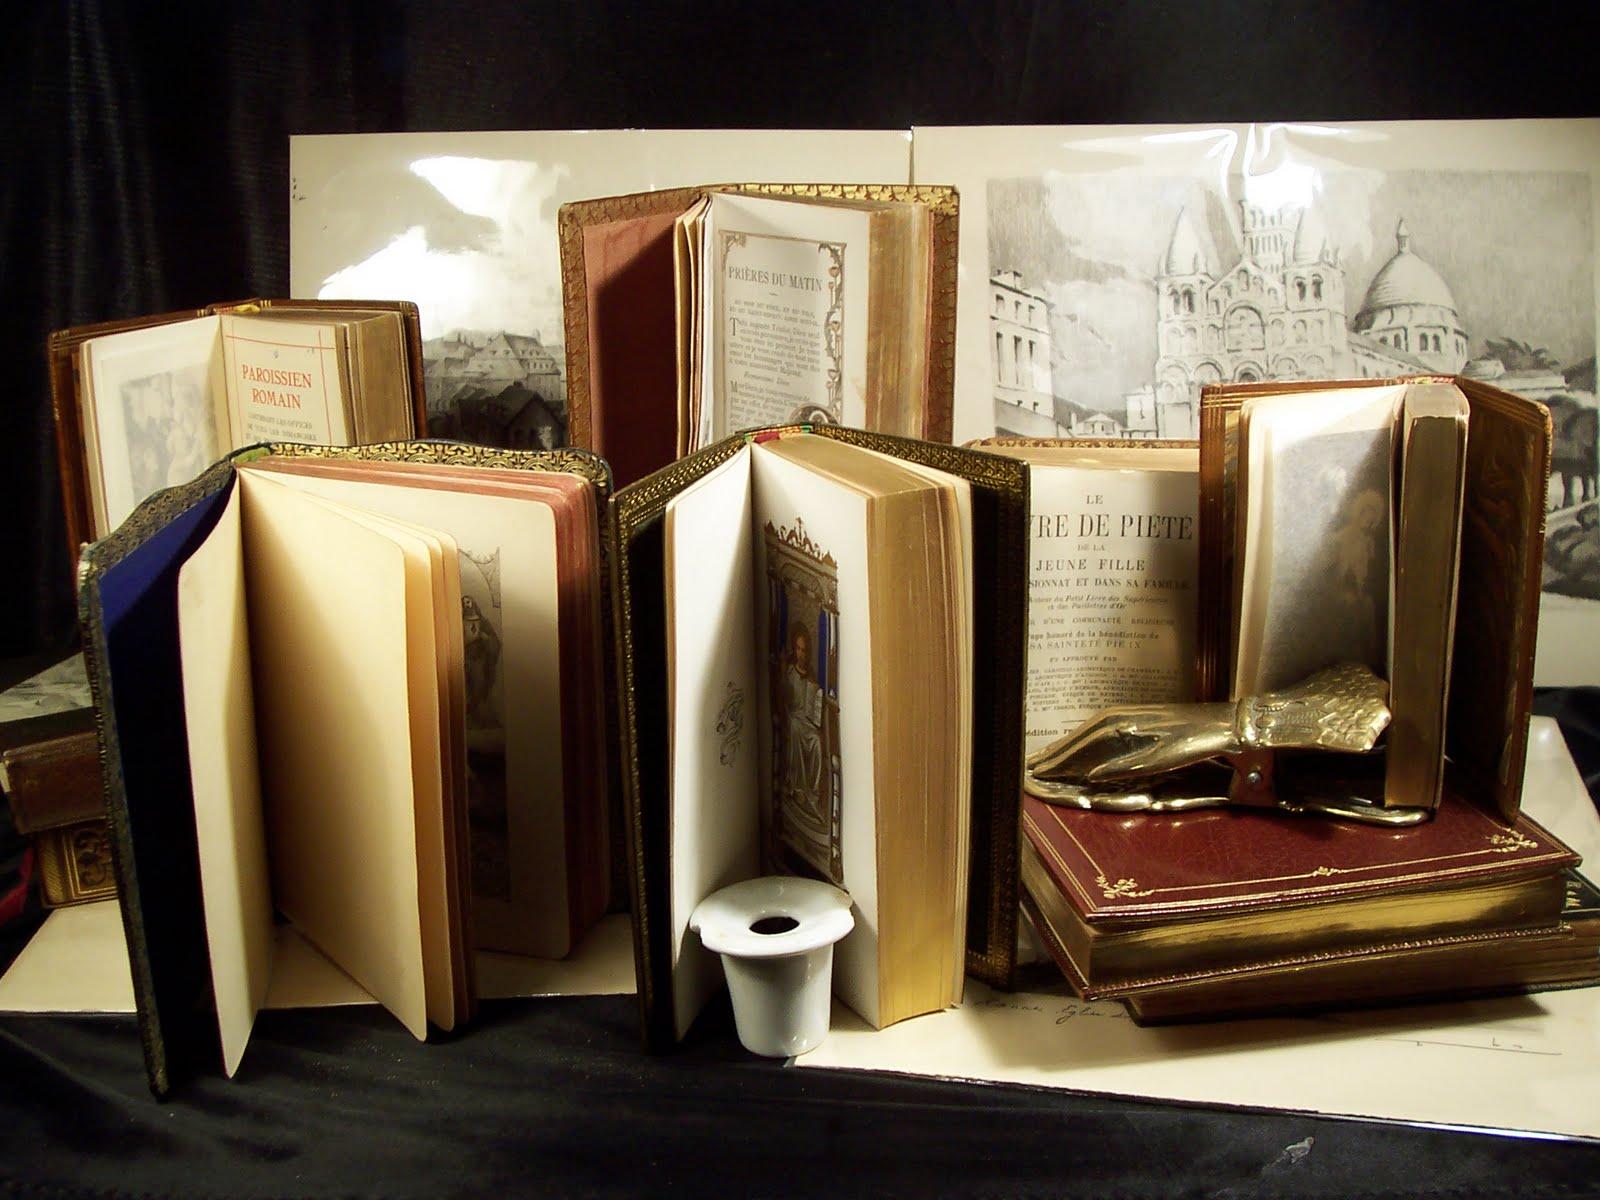 comment vendre des livres anciens trouvez le meilleur prix sur voir avant d 39 acheter. Black Bedroom Furniture Sets. Home Design Ideas